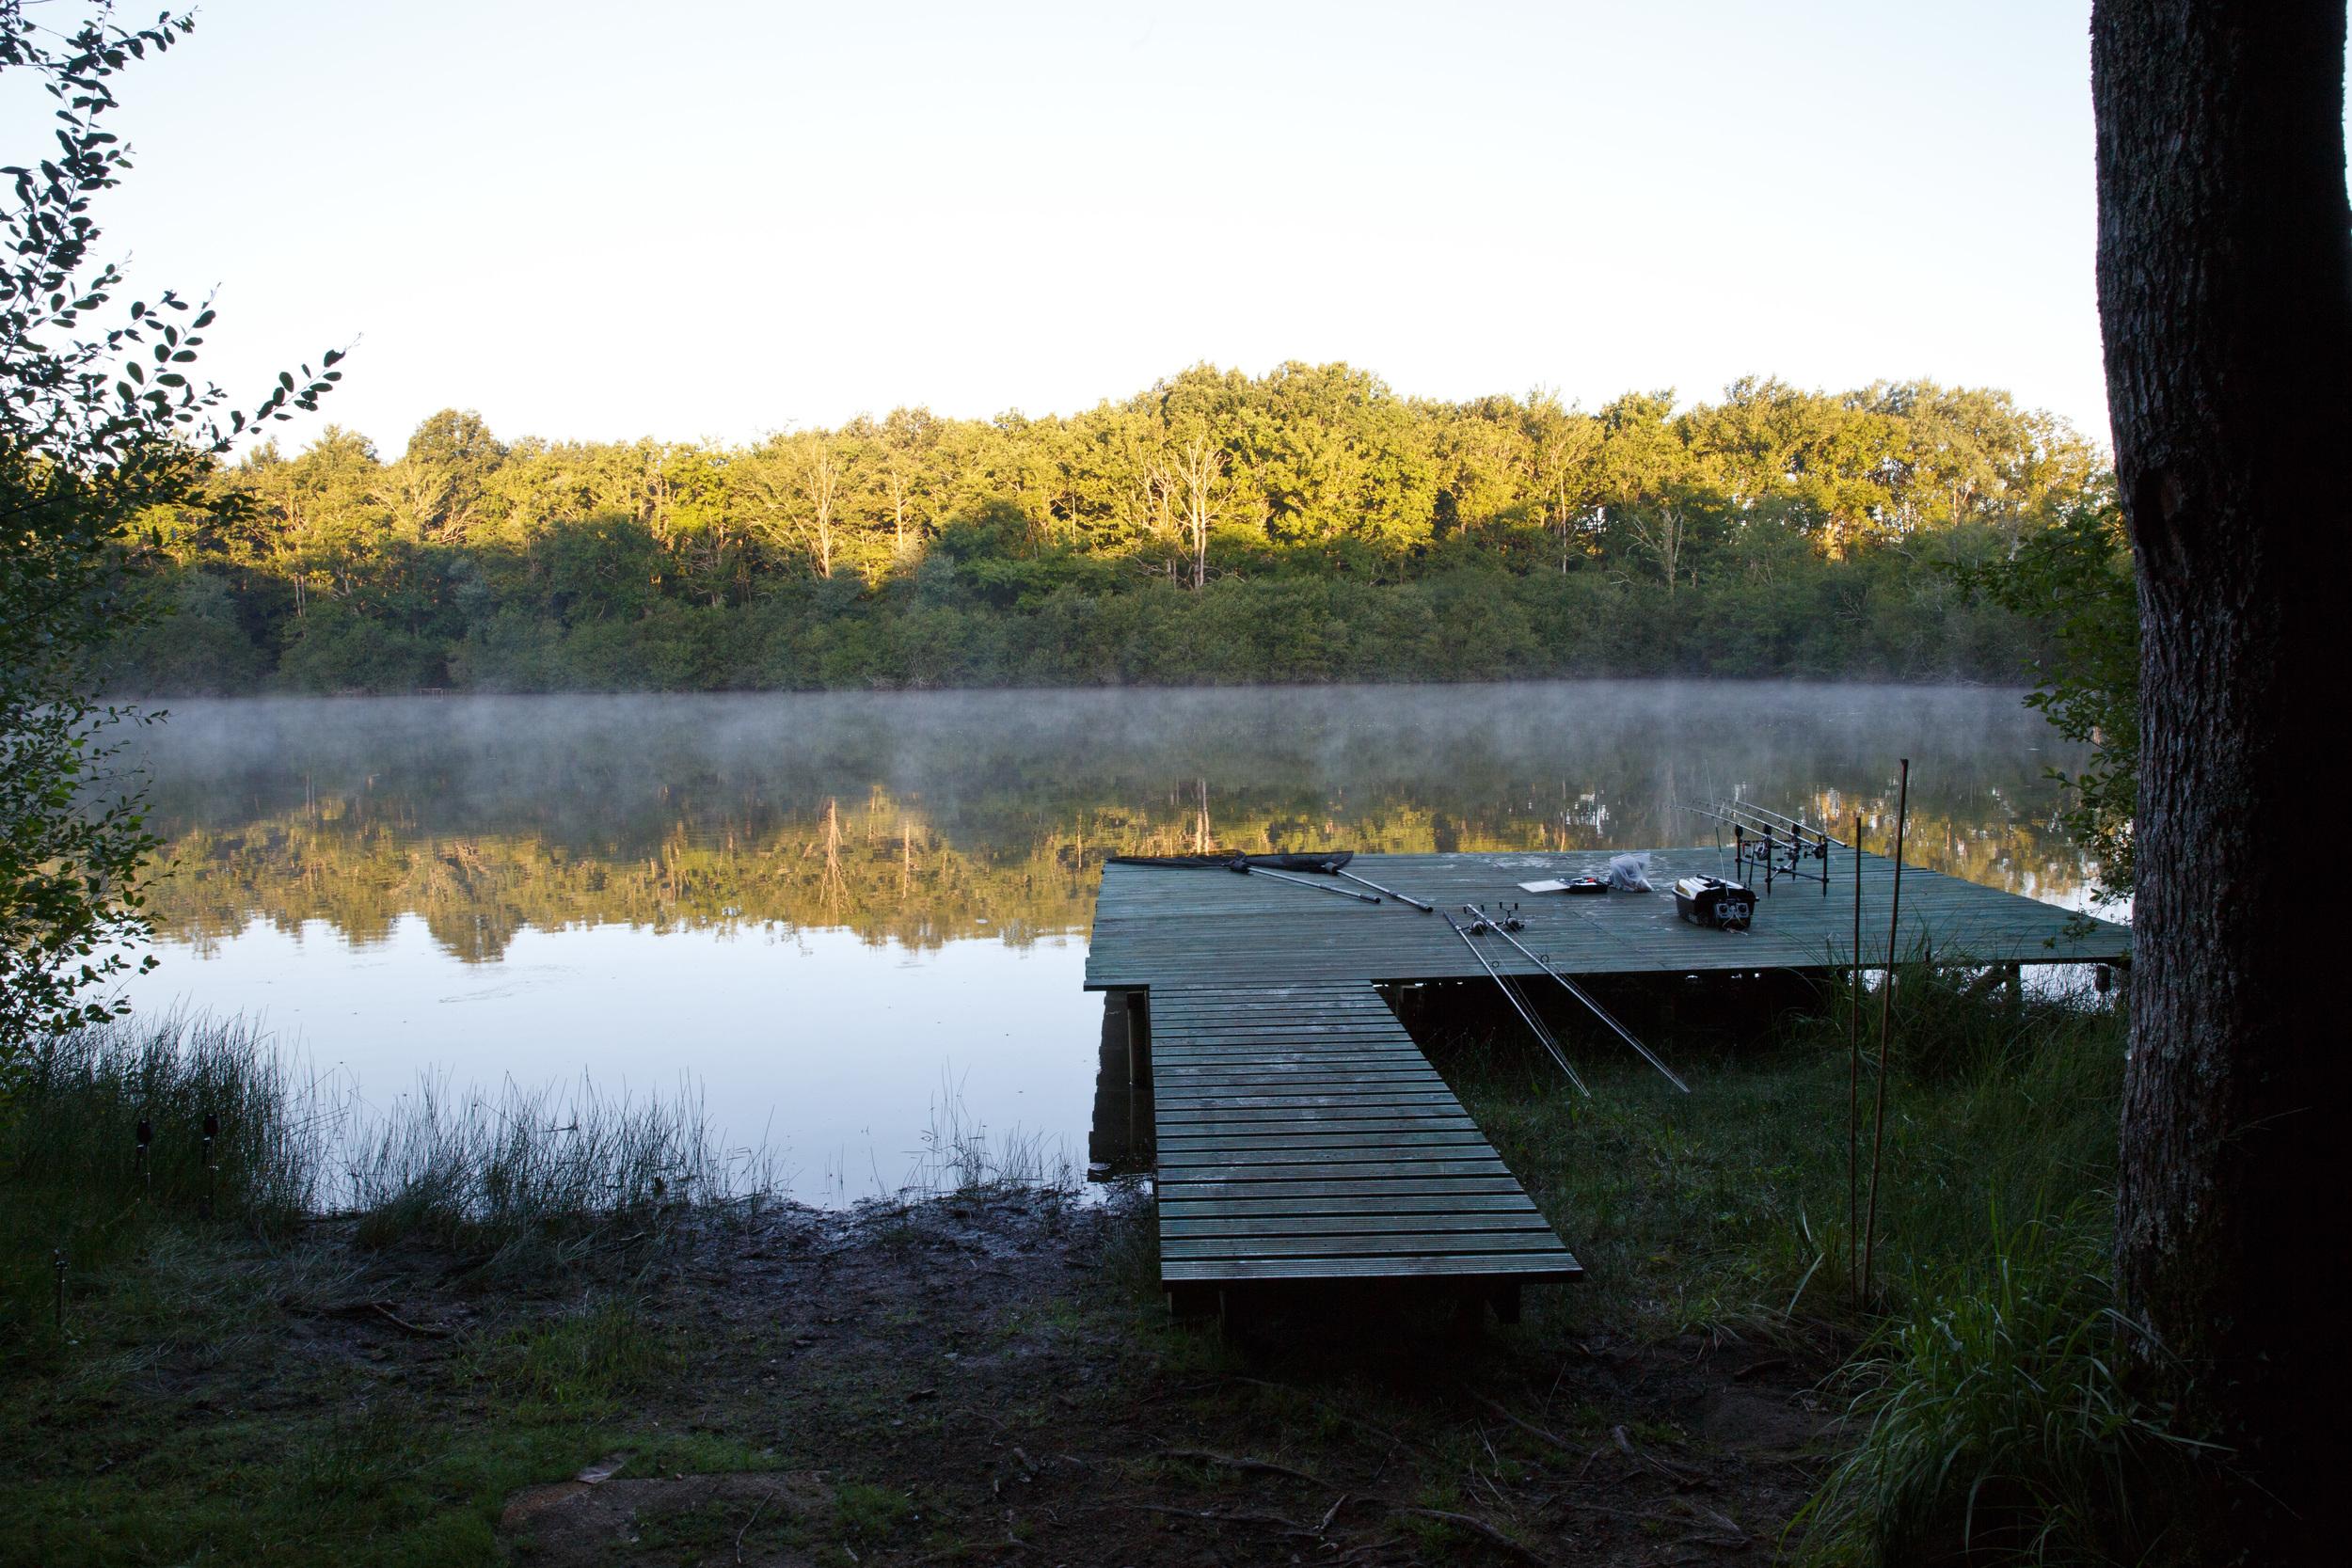 Lake-Meillant-2013_109.jpg